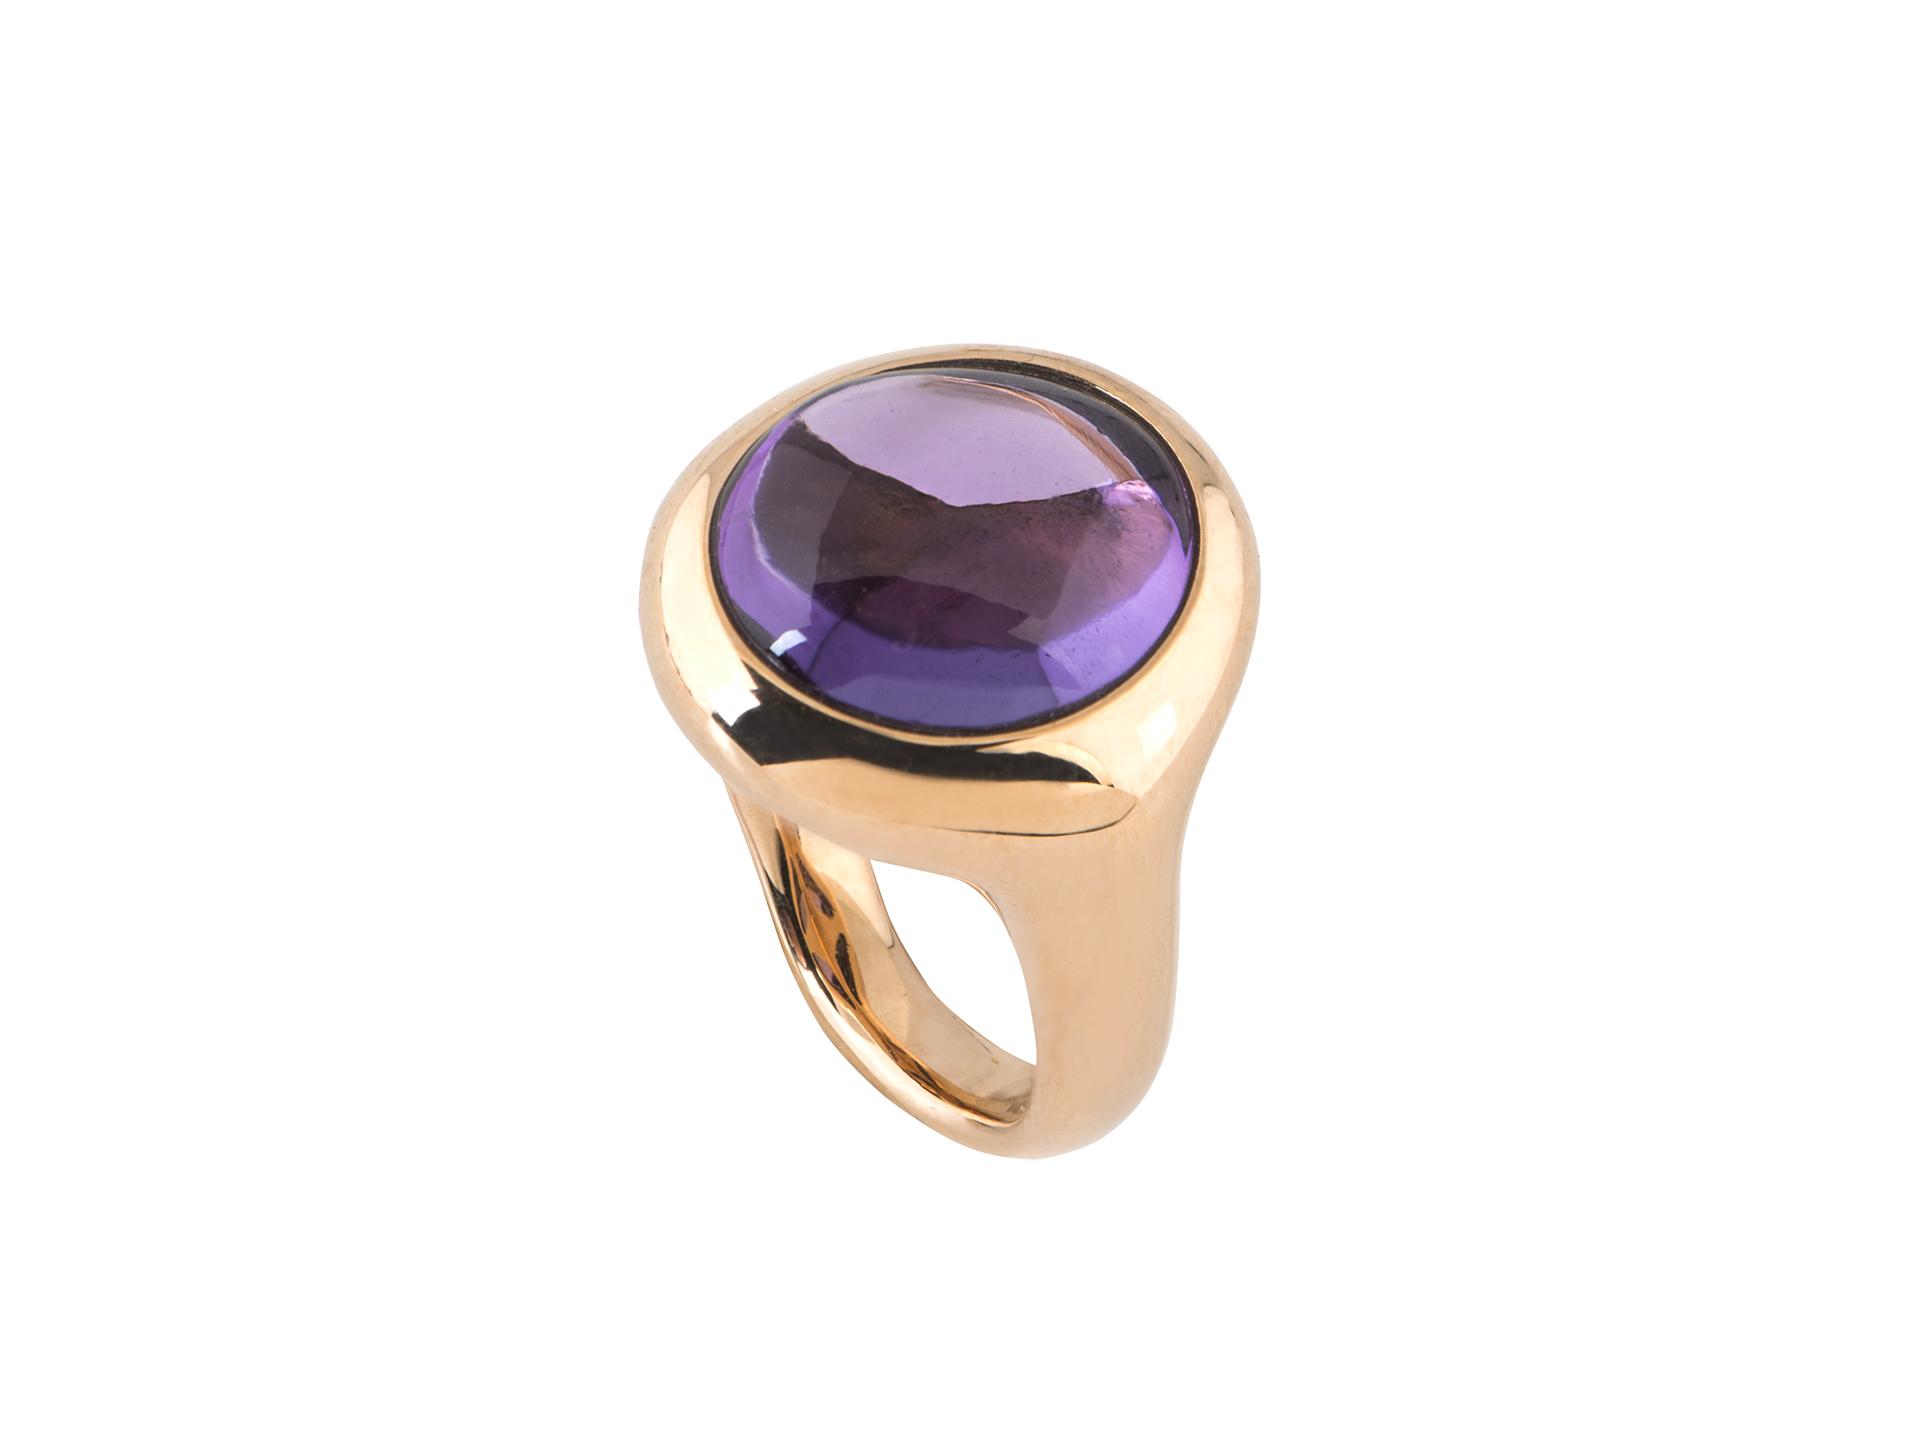 Ben noto La nuova collezione di anelli Plenilunio, ispirata alle morbide  MF65